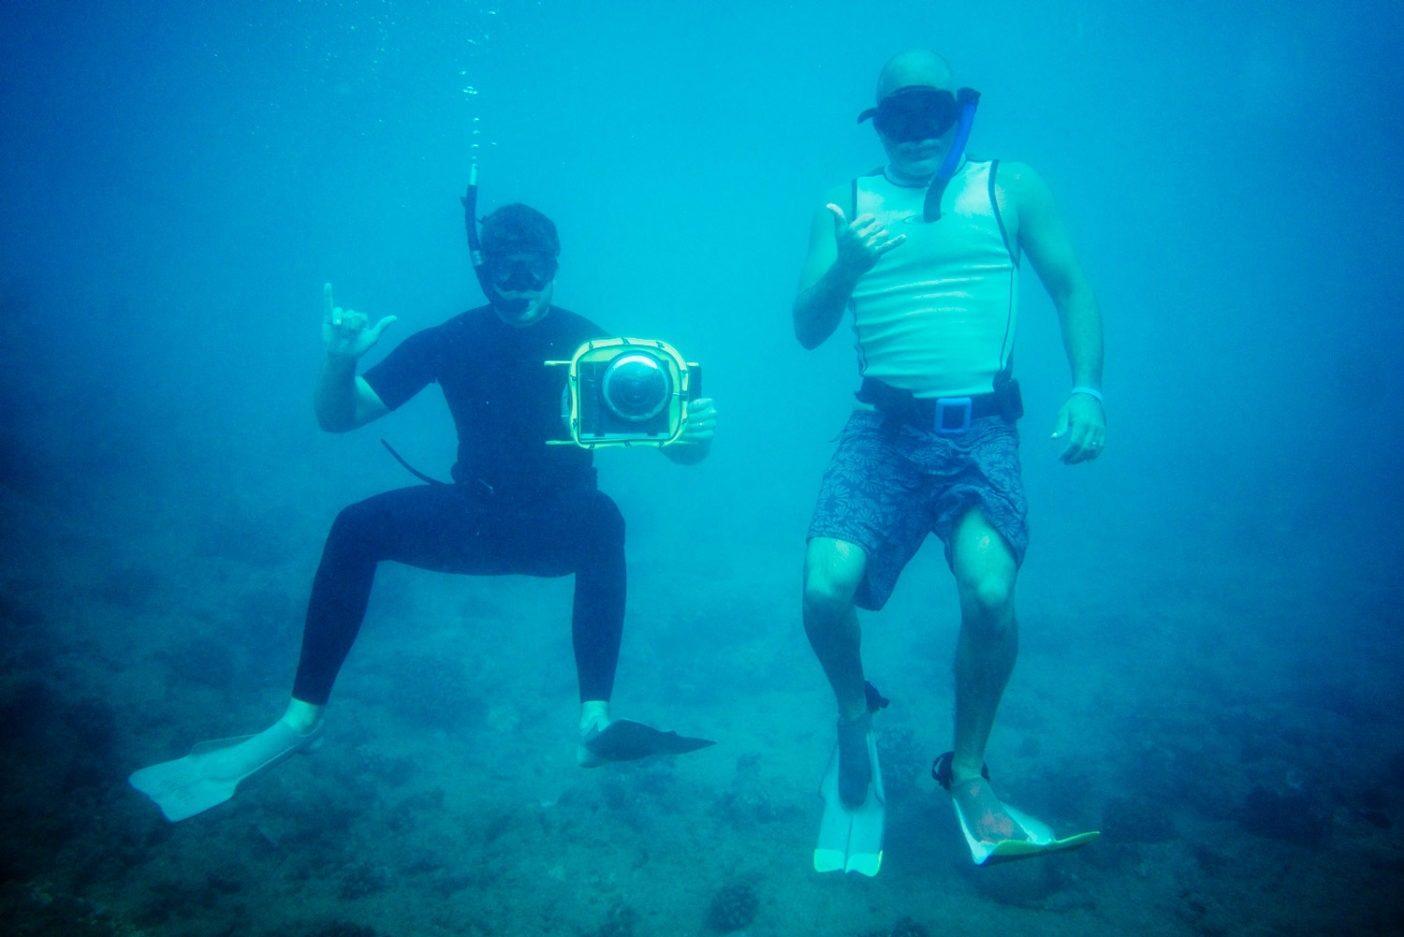 モロカイ沿岸でカメラ撮影のタグチームを成すアンドリュー・ショーンバーガーとデイヴ・ホムシー。Photo: Donnie Hedden